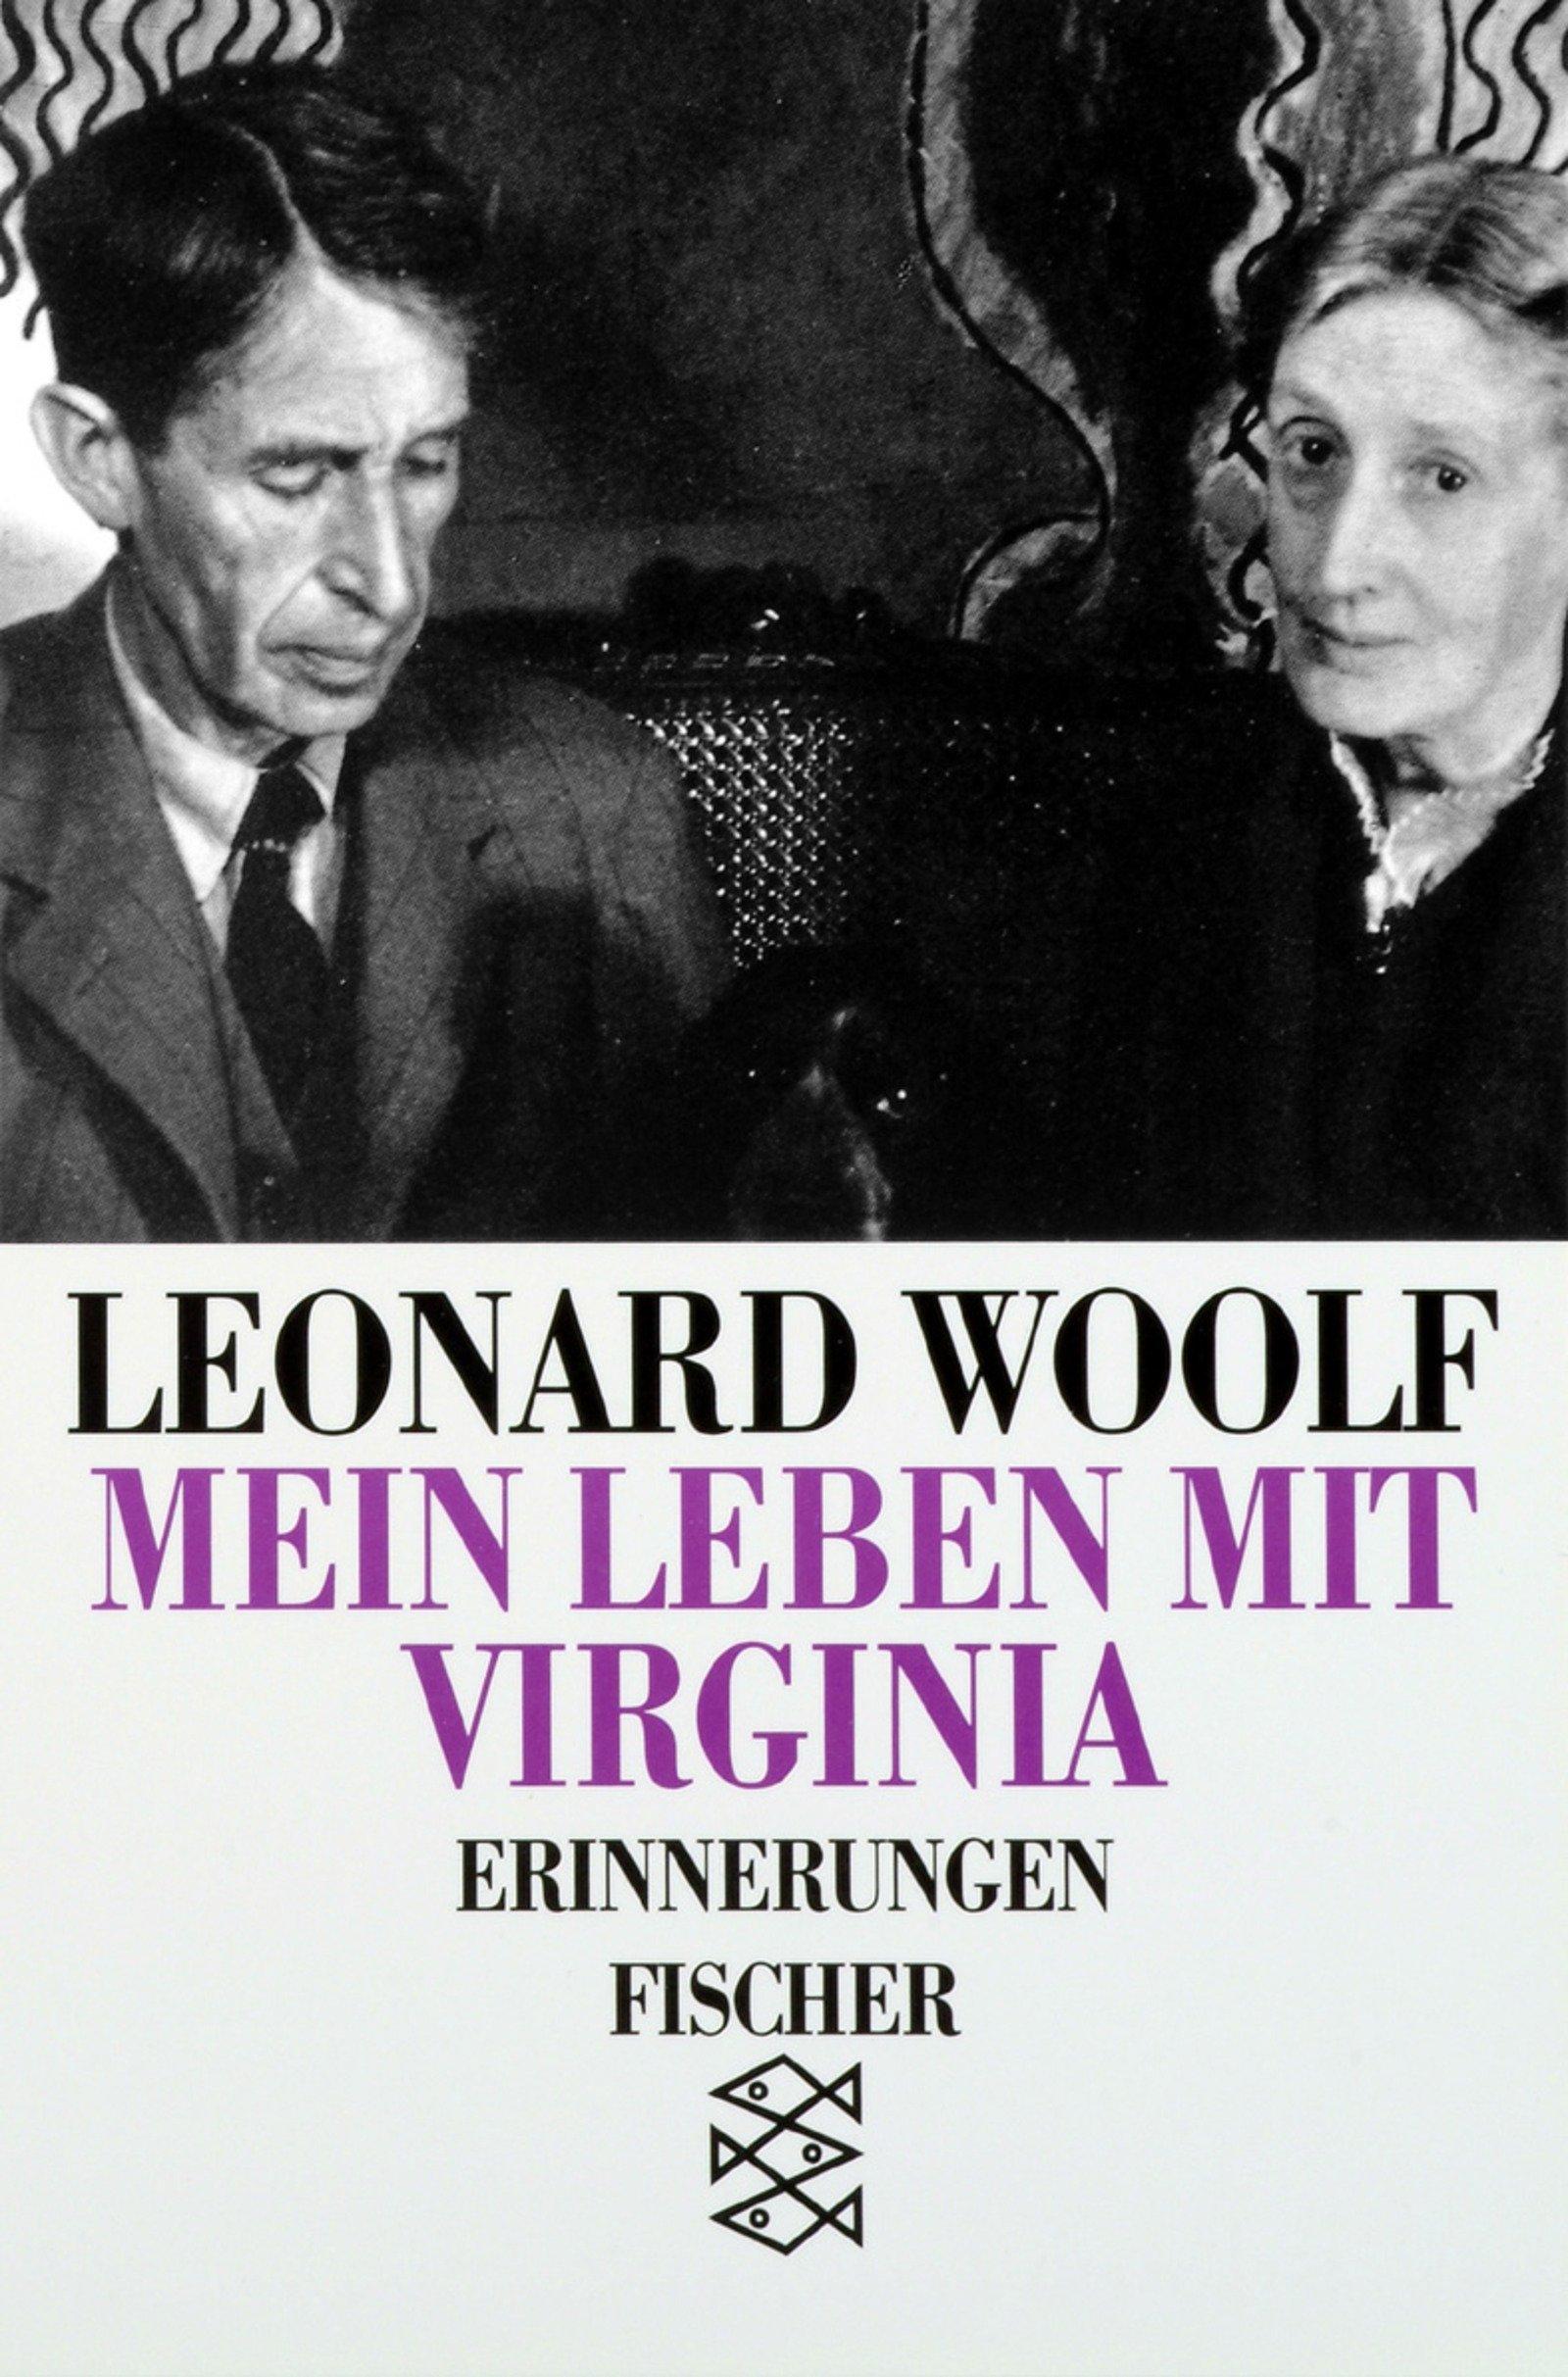 Mein Leben mit Virginia: Erinnerungen: Amazon.de: Friederike Groth ...